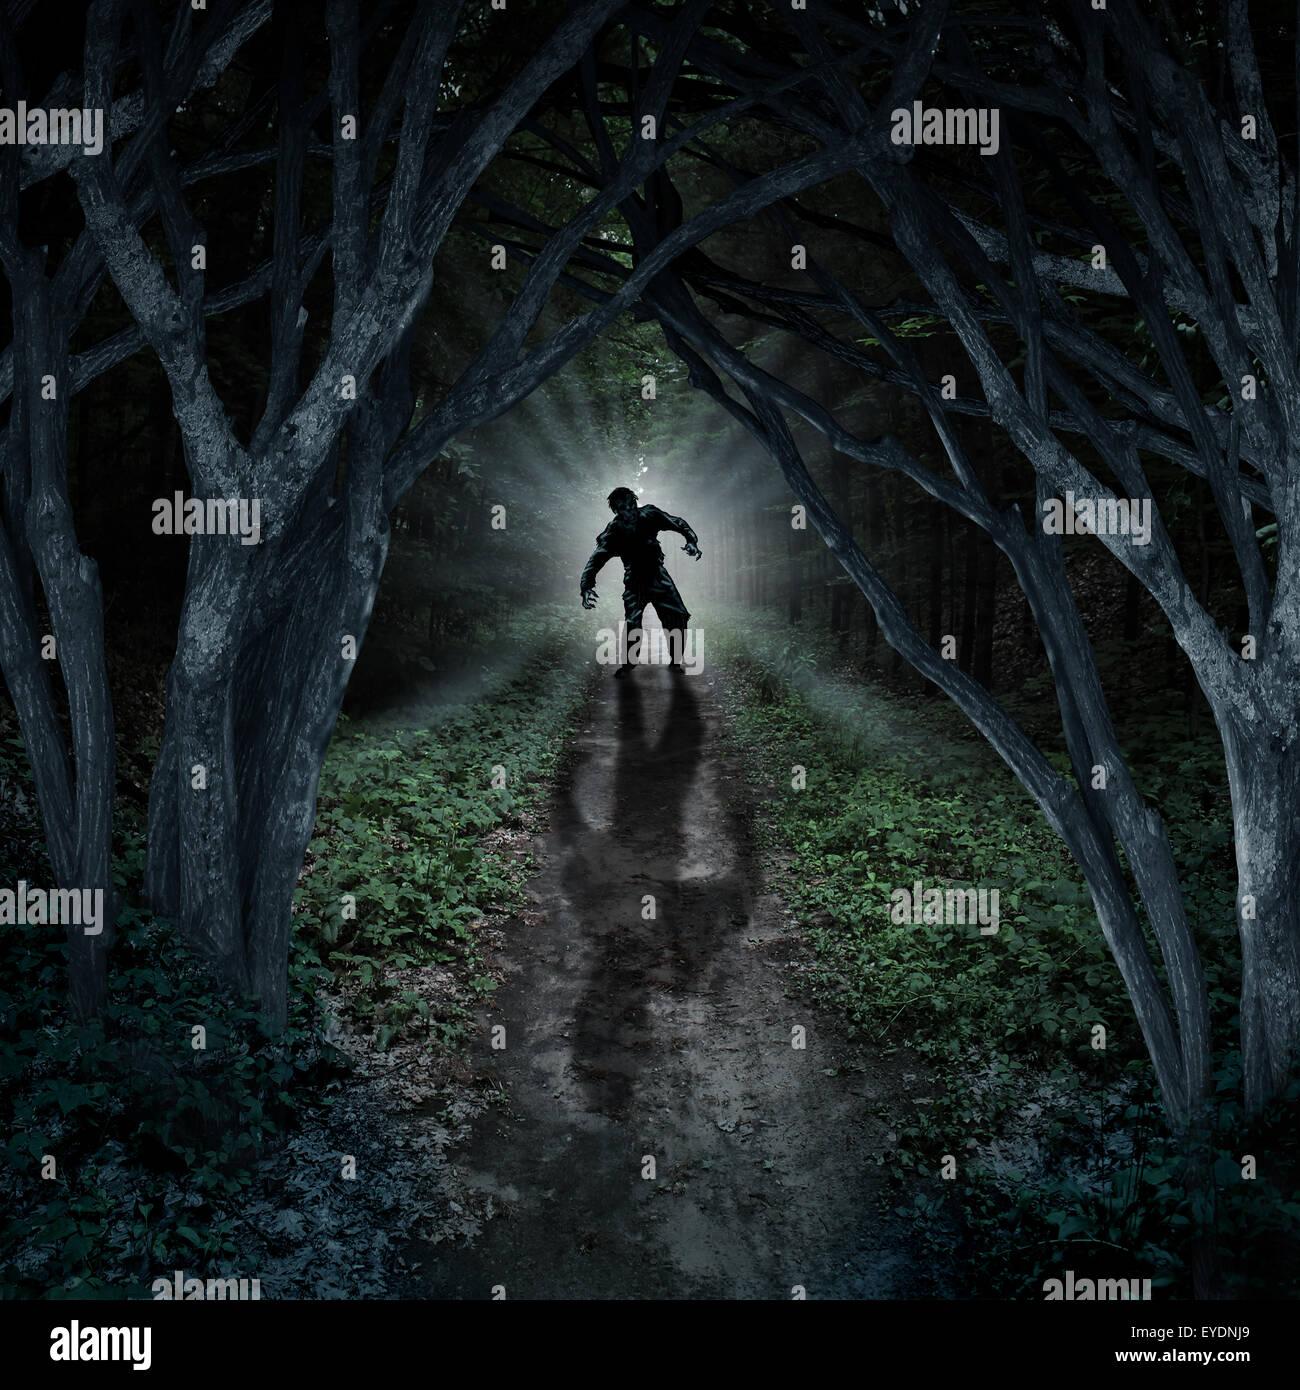 Orrore monster camminando in una foresta scura come una paura il concetto di fantasia con un inquietante cosa venuta Immagini Stock